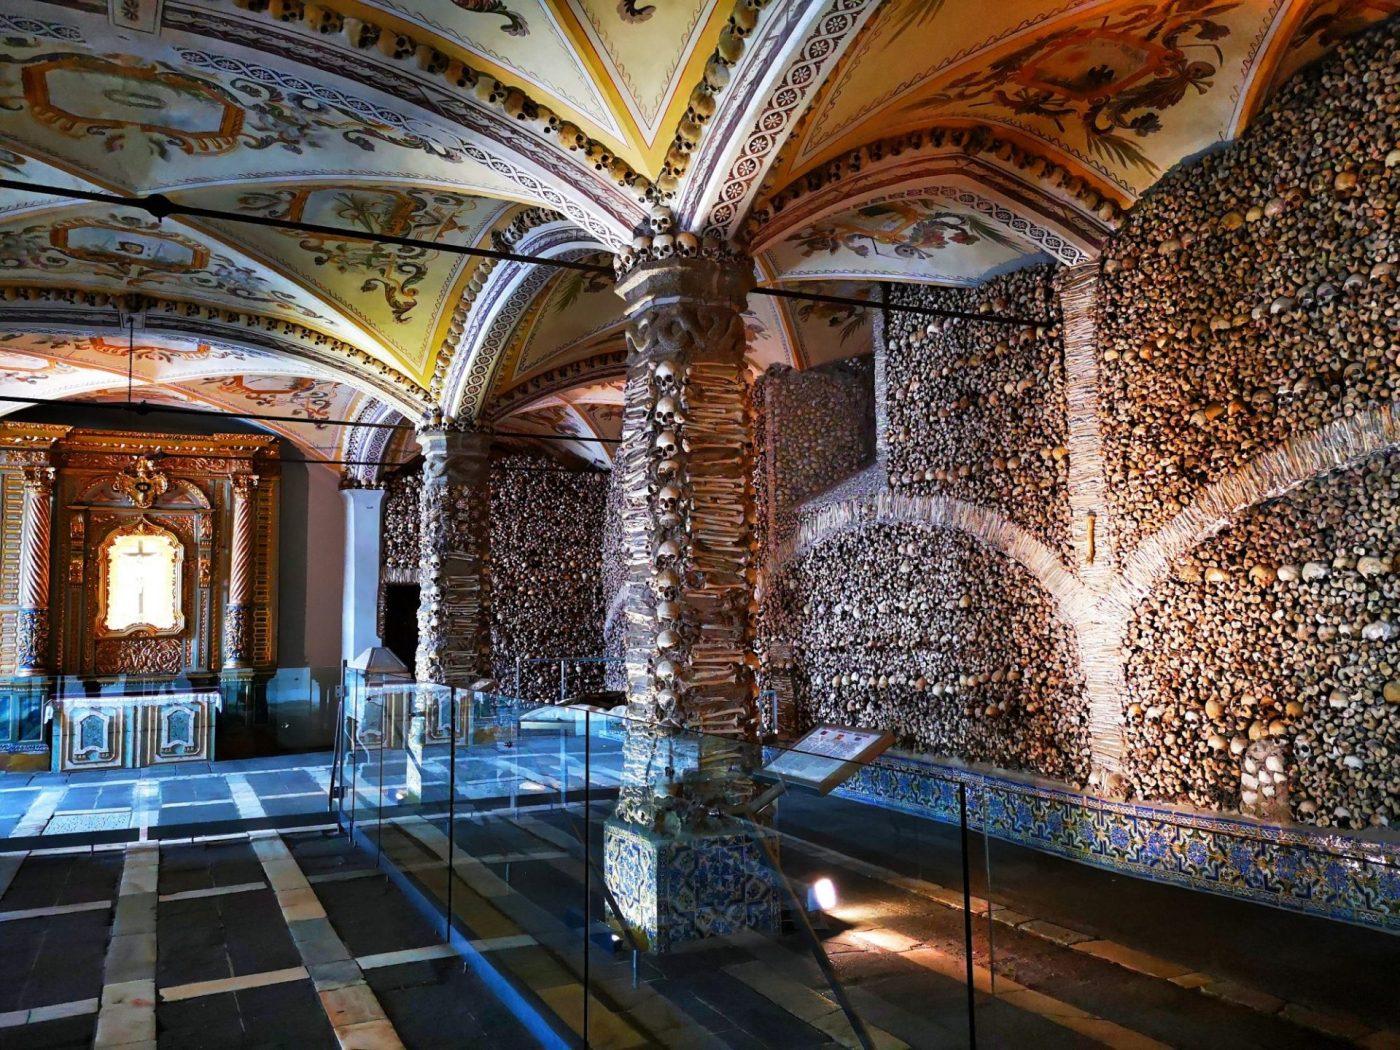 A Capela dos Ossos: The Chapel of Bones, Evora Portugal